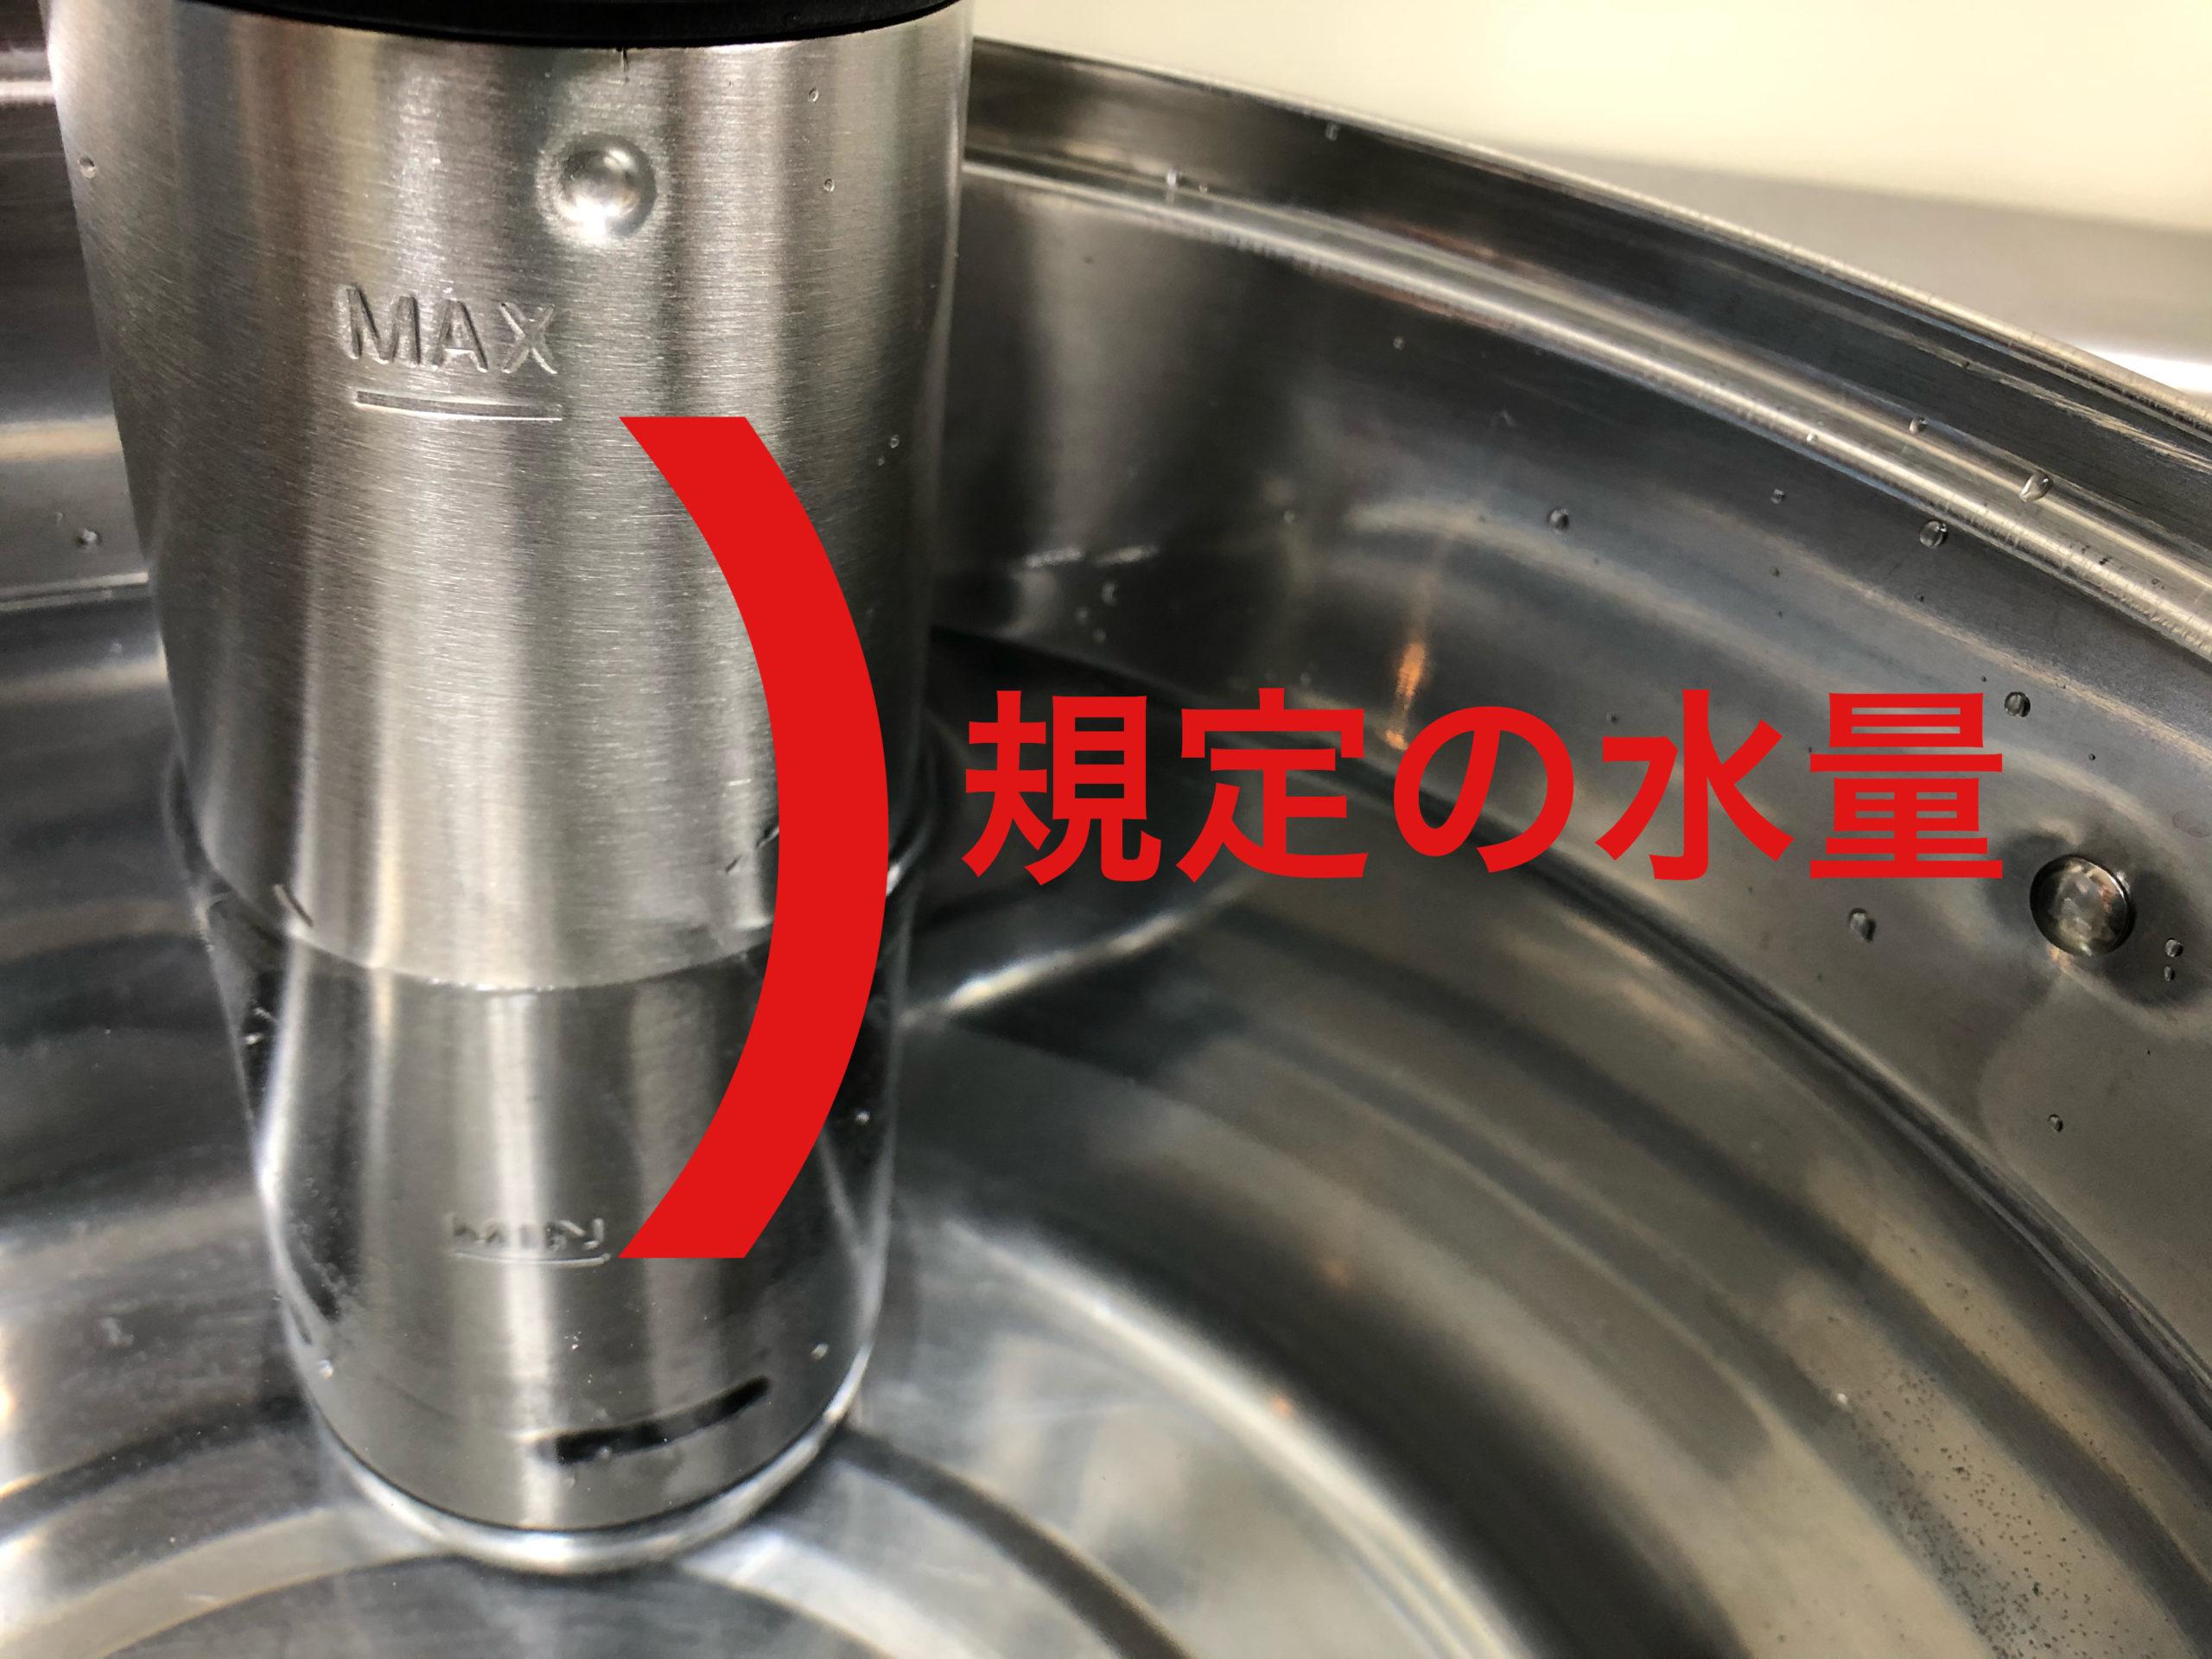 手順1:鍋に水を入れ、低温調理器をセットする。